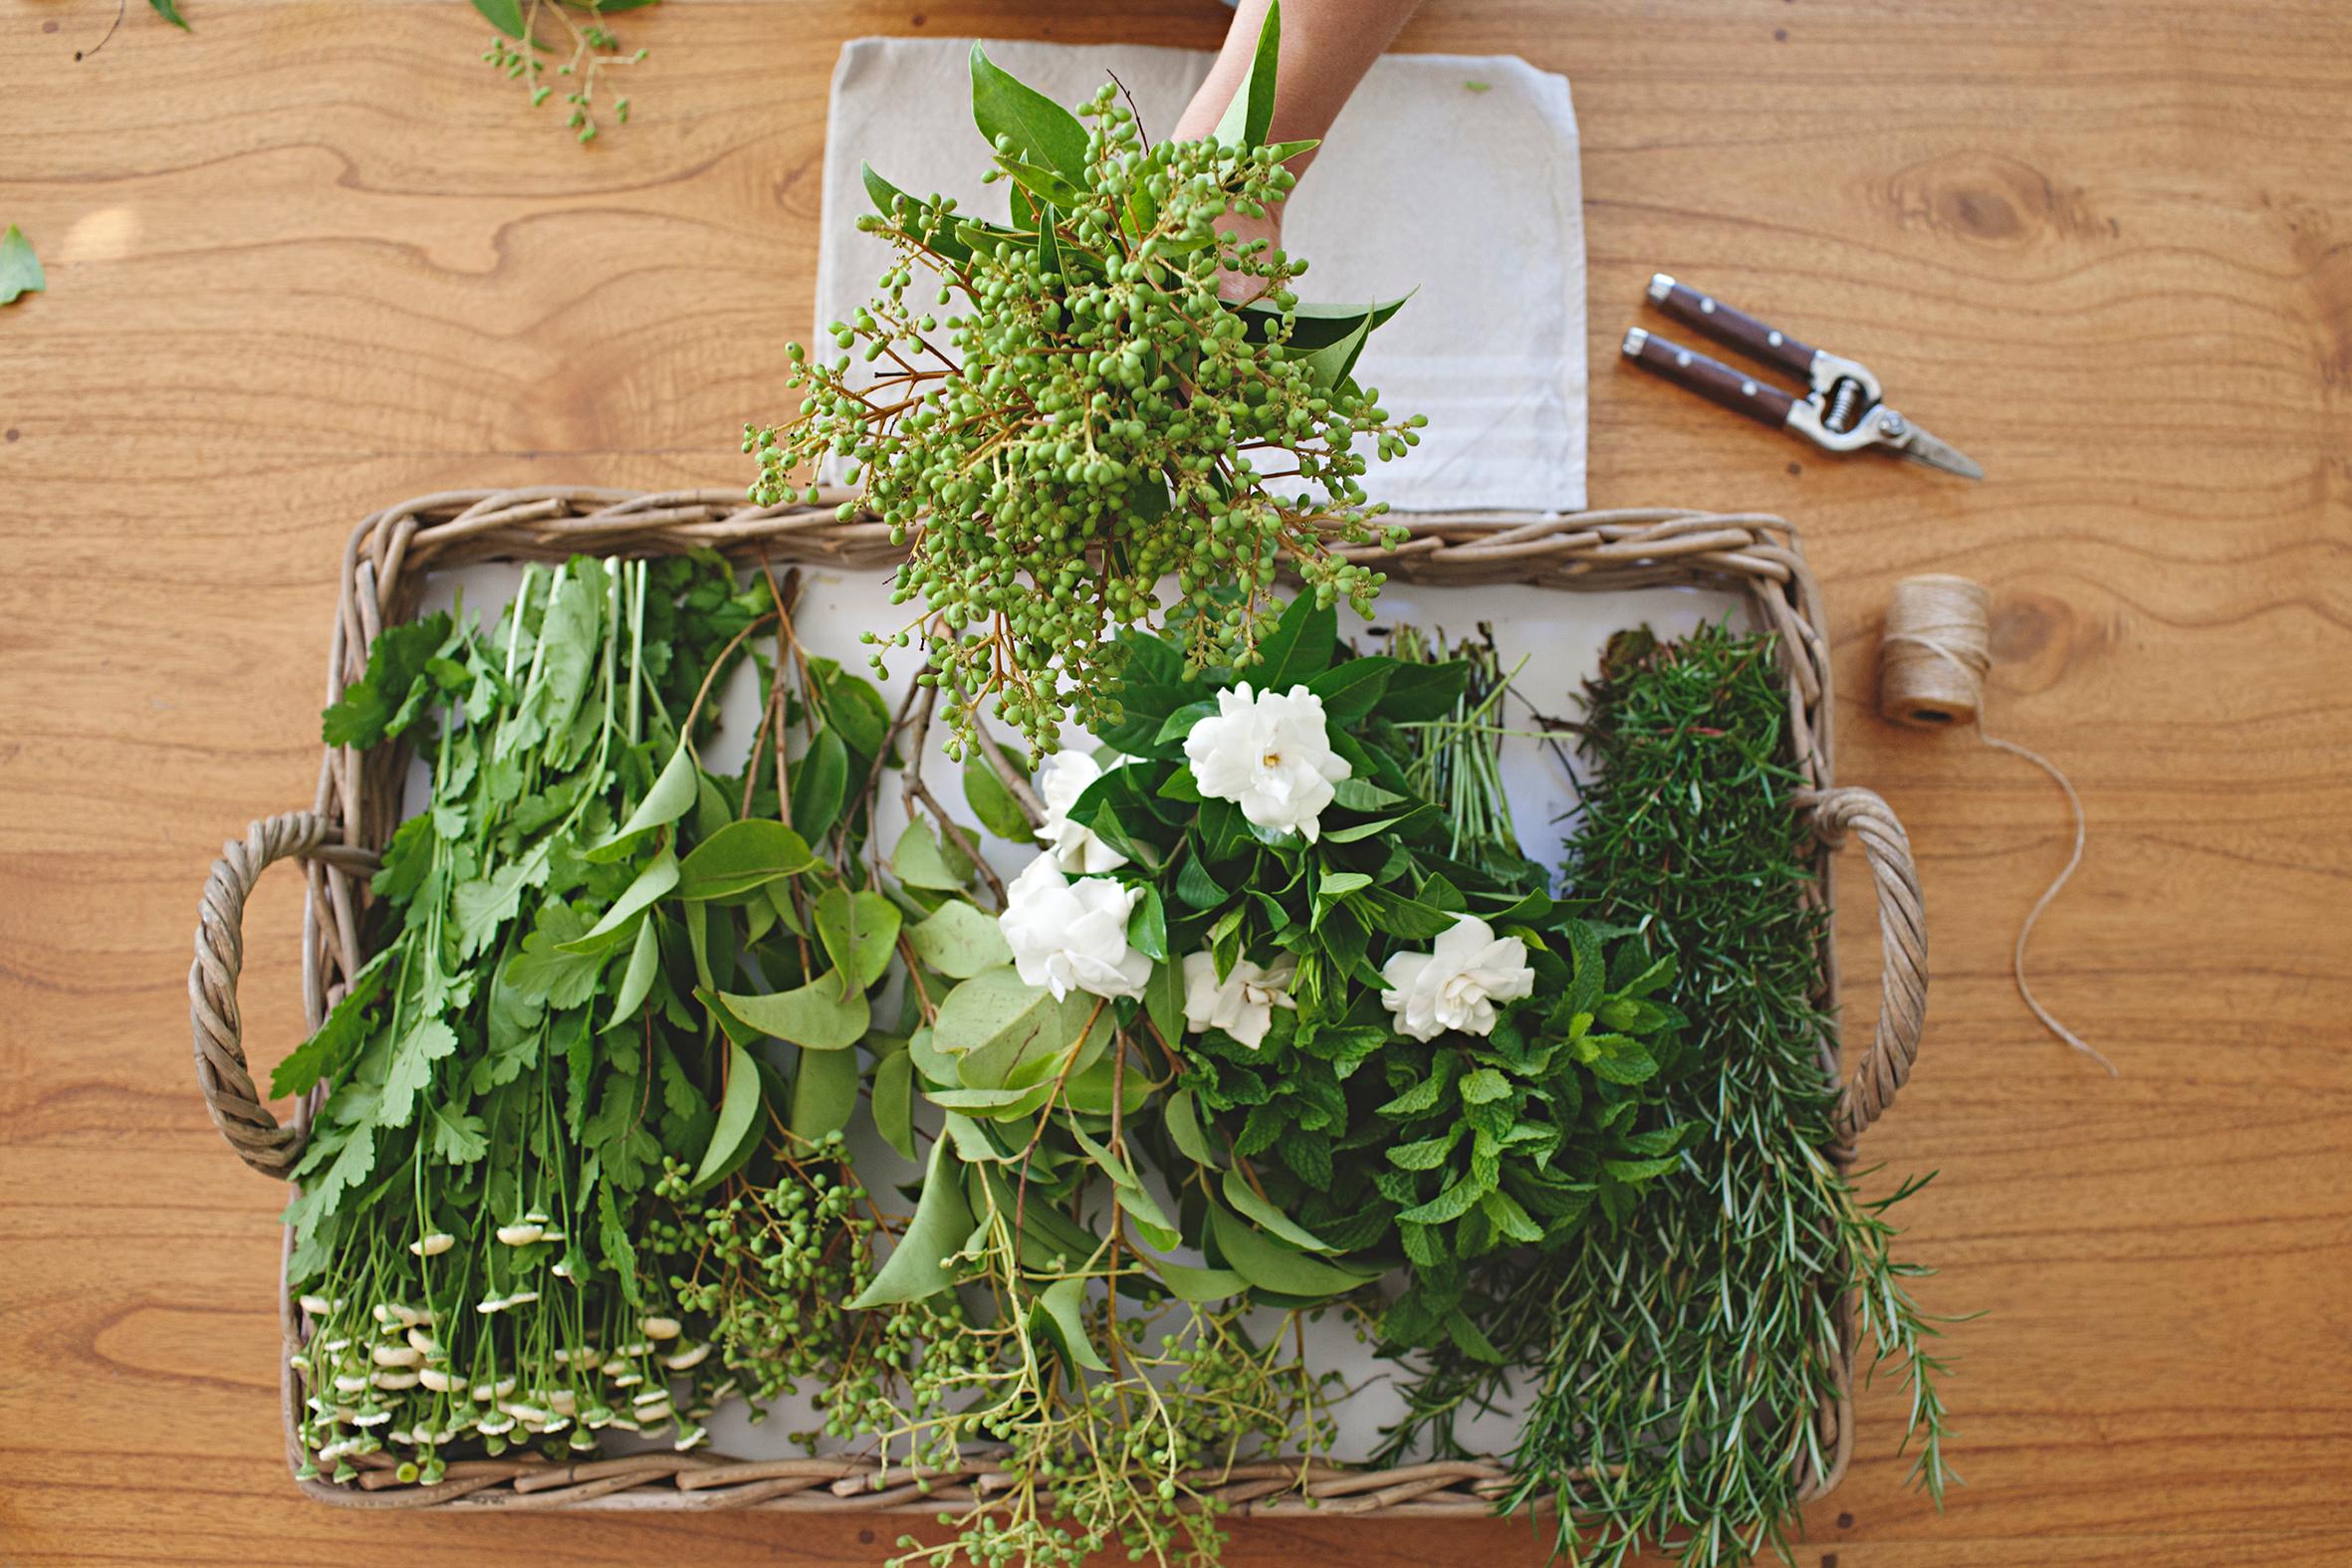 Chyka+Keebaugh+DIY+Garden+Posie.jpg